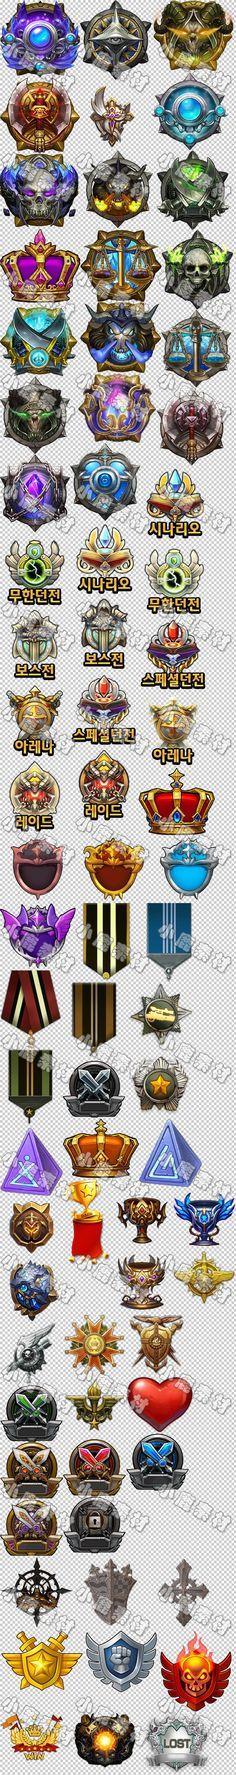 手游游戏UI设计常用素材 徽章 皇冠 等...